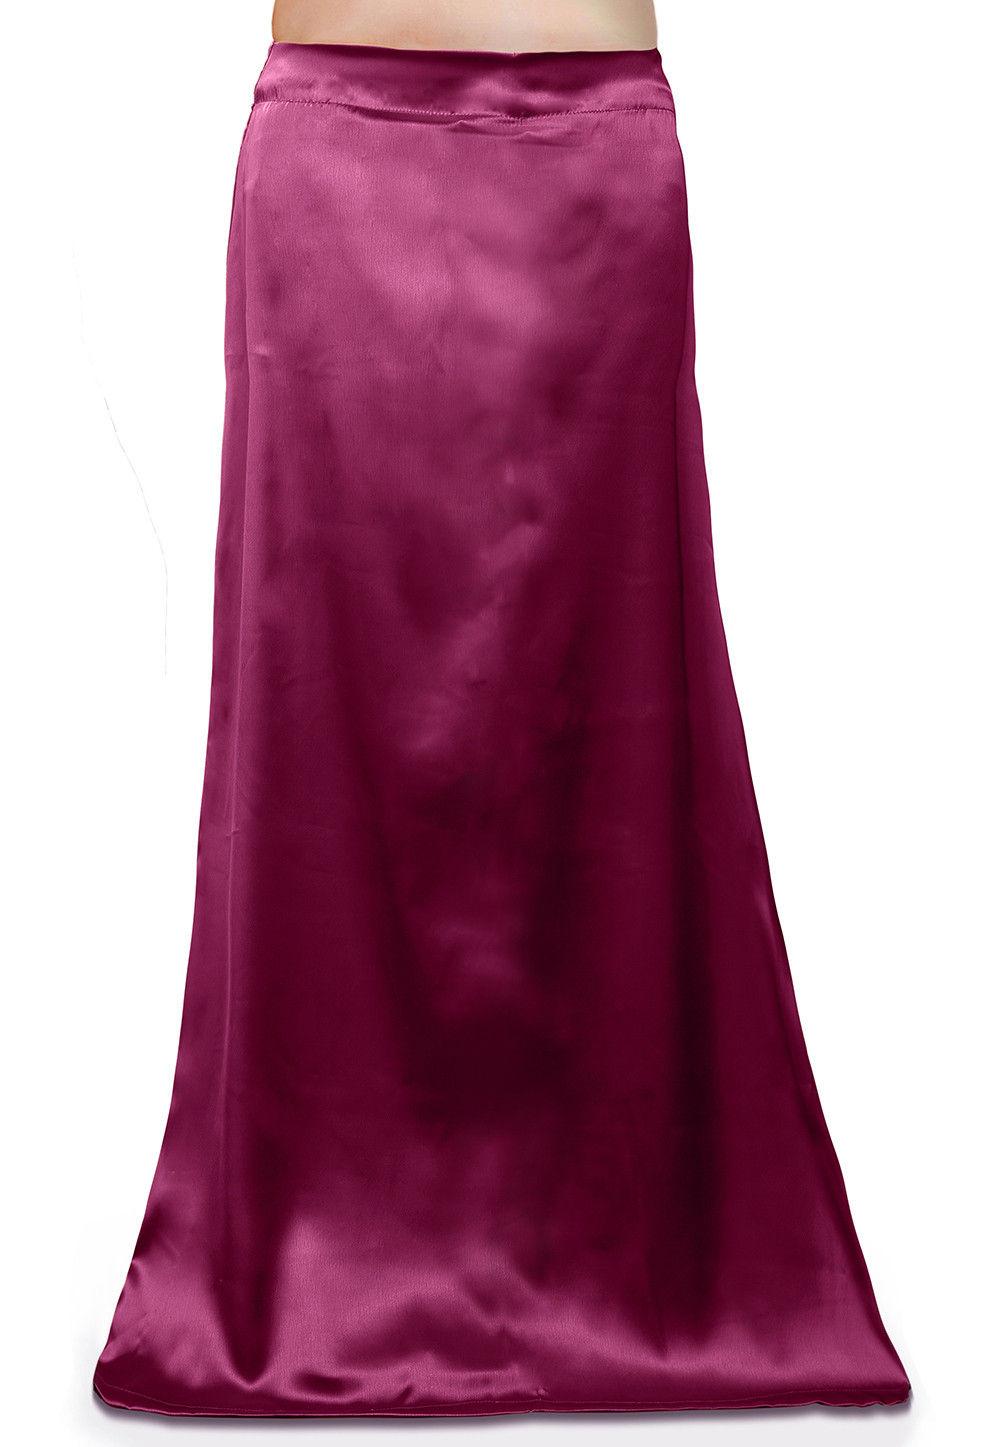 Satin Petticoat in Magenta